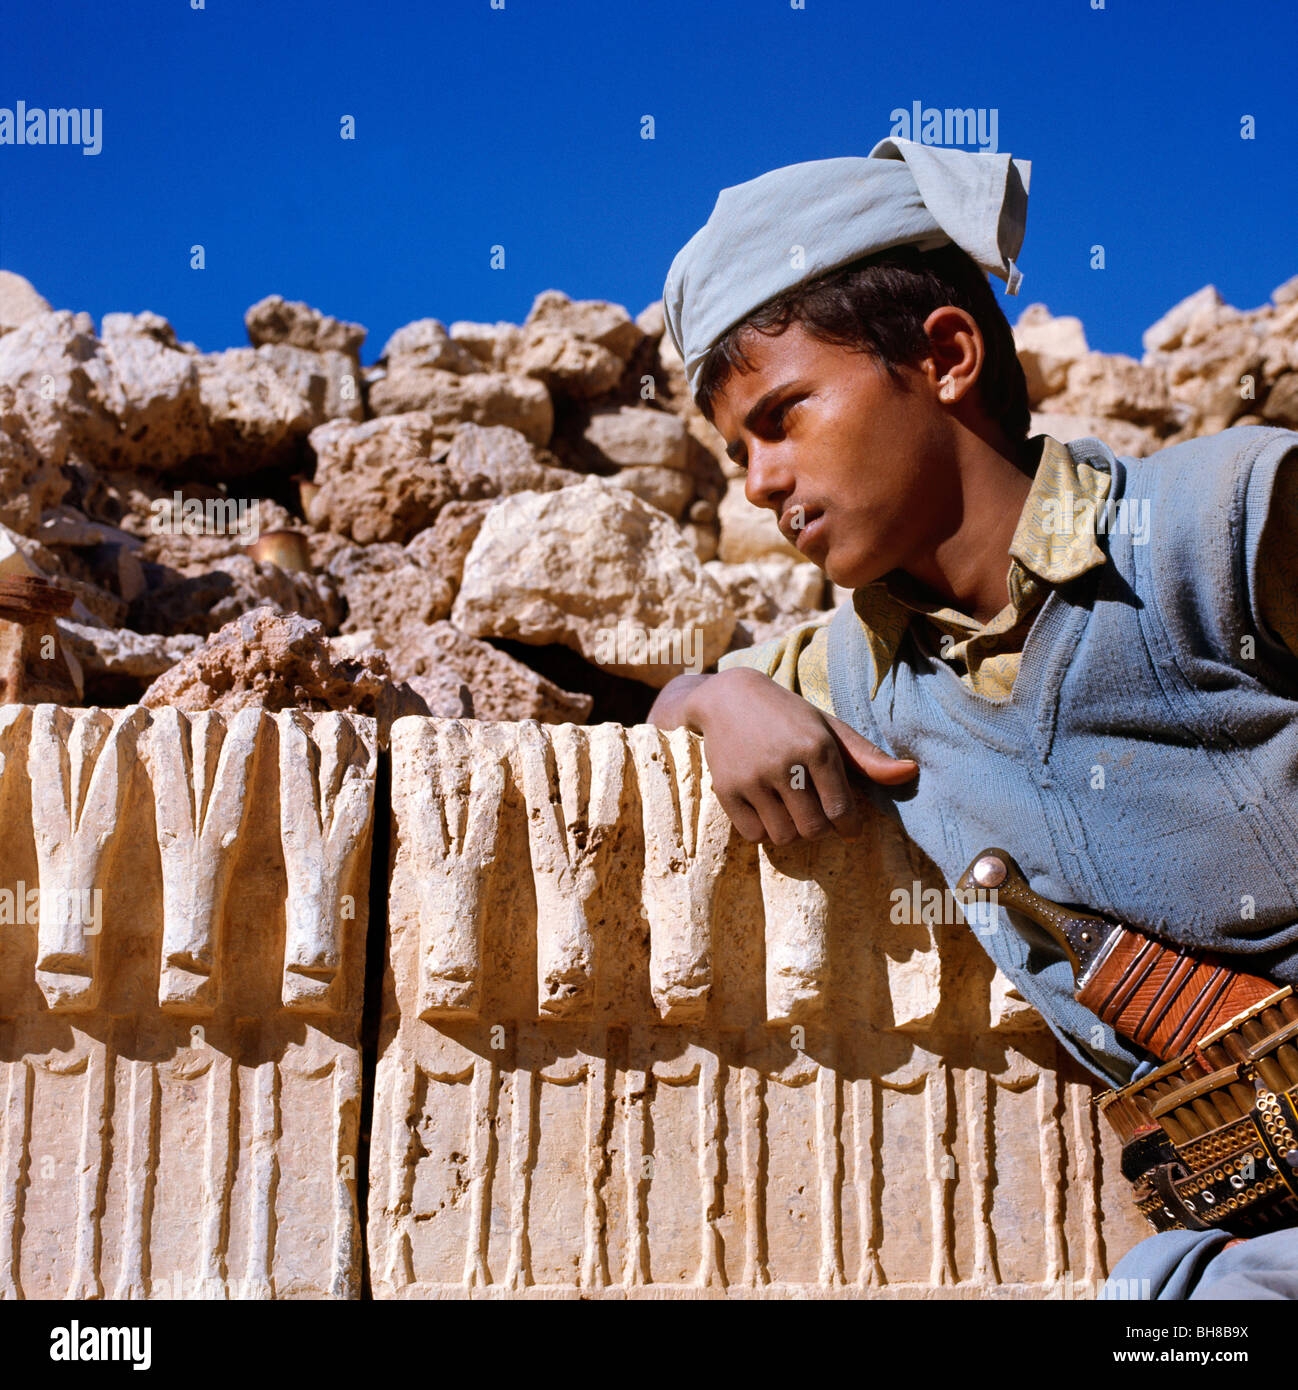 Marib Yemen Ibex Frieze - Stock Image